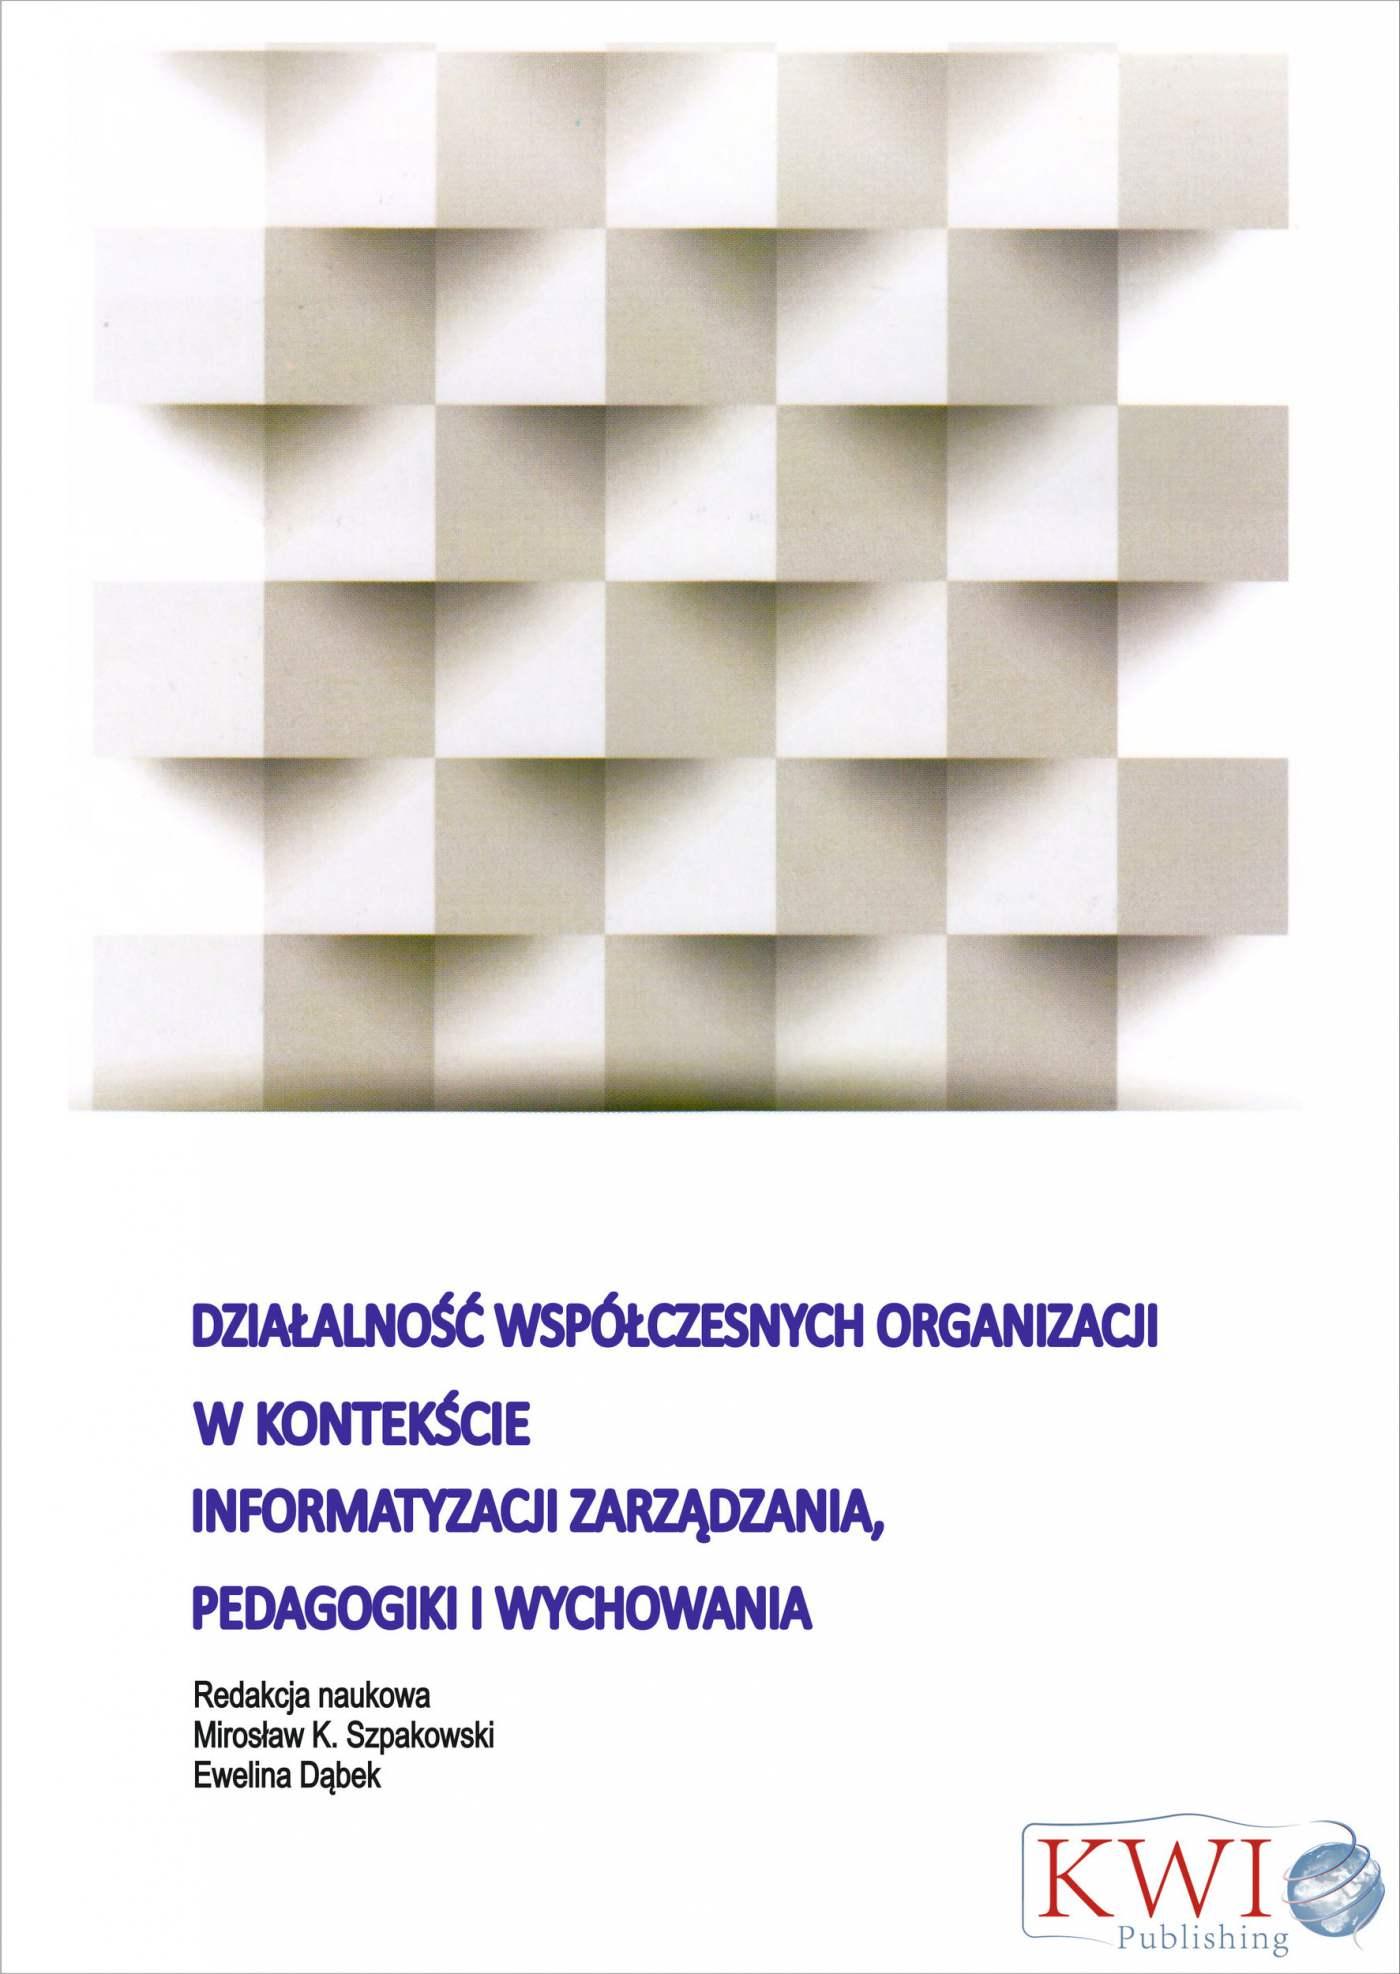 Działalność współczesnych organizacji w kontekście informatyzacji zarządzania, pedagogiki i wychowania - Ebook (Książka na Kindle) do pobrania w formacie MOBI